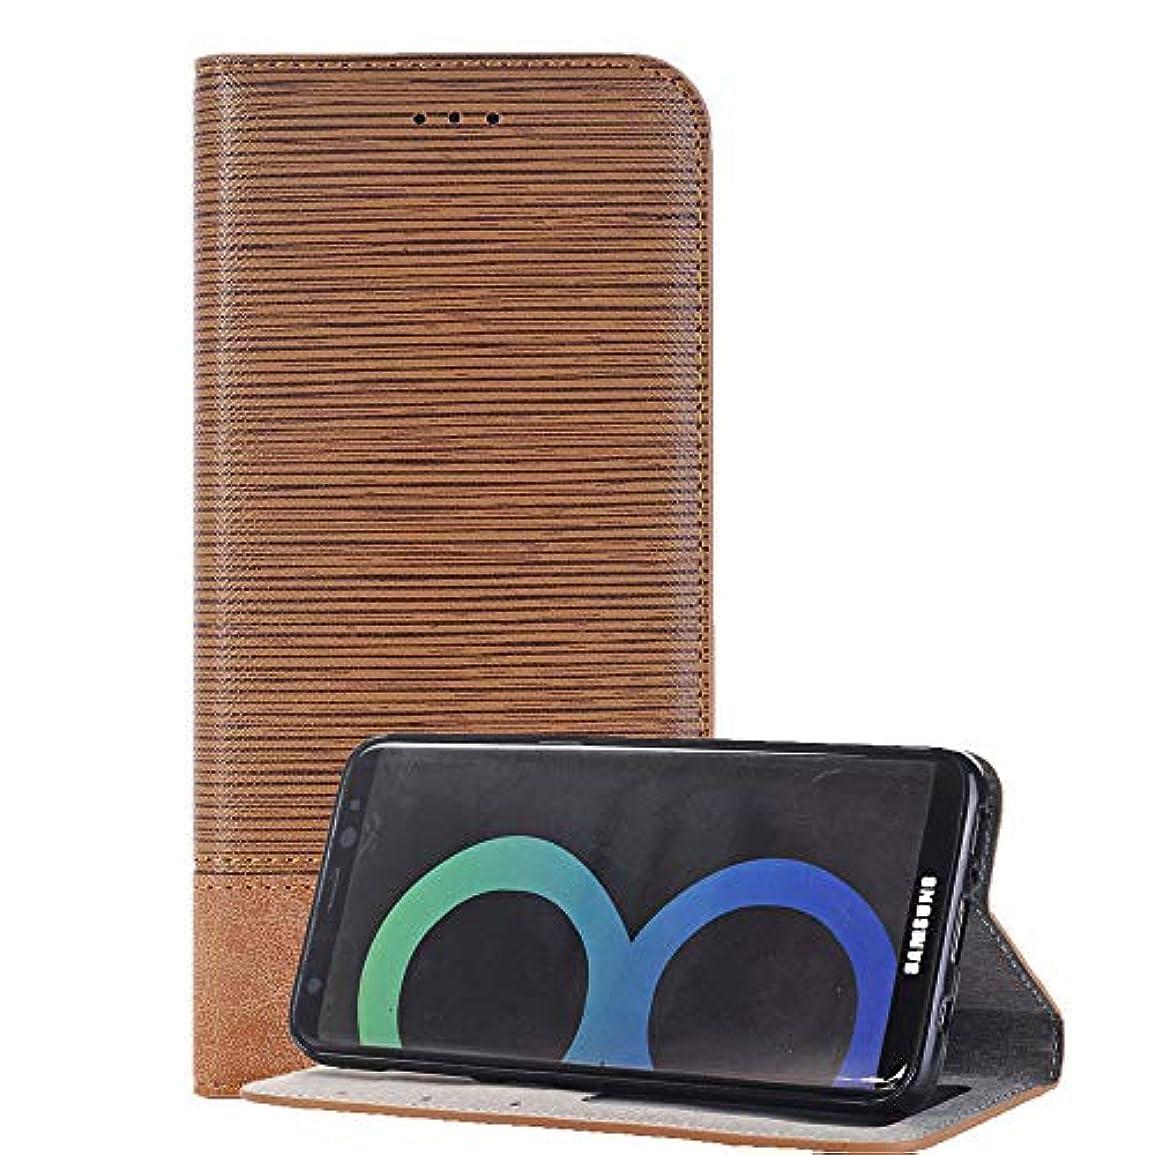 前書き地獄責Samsung Galaxy S8 手帳型 ケース ギャラクシーs8 スマホケース カバー 脱着簡単 カードポケット 高品質 人気 おしゃれ カバー(ライトブラウン)